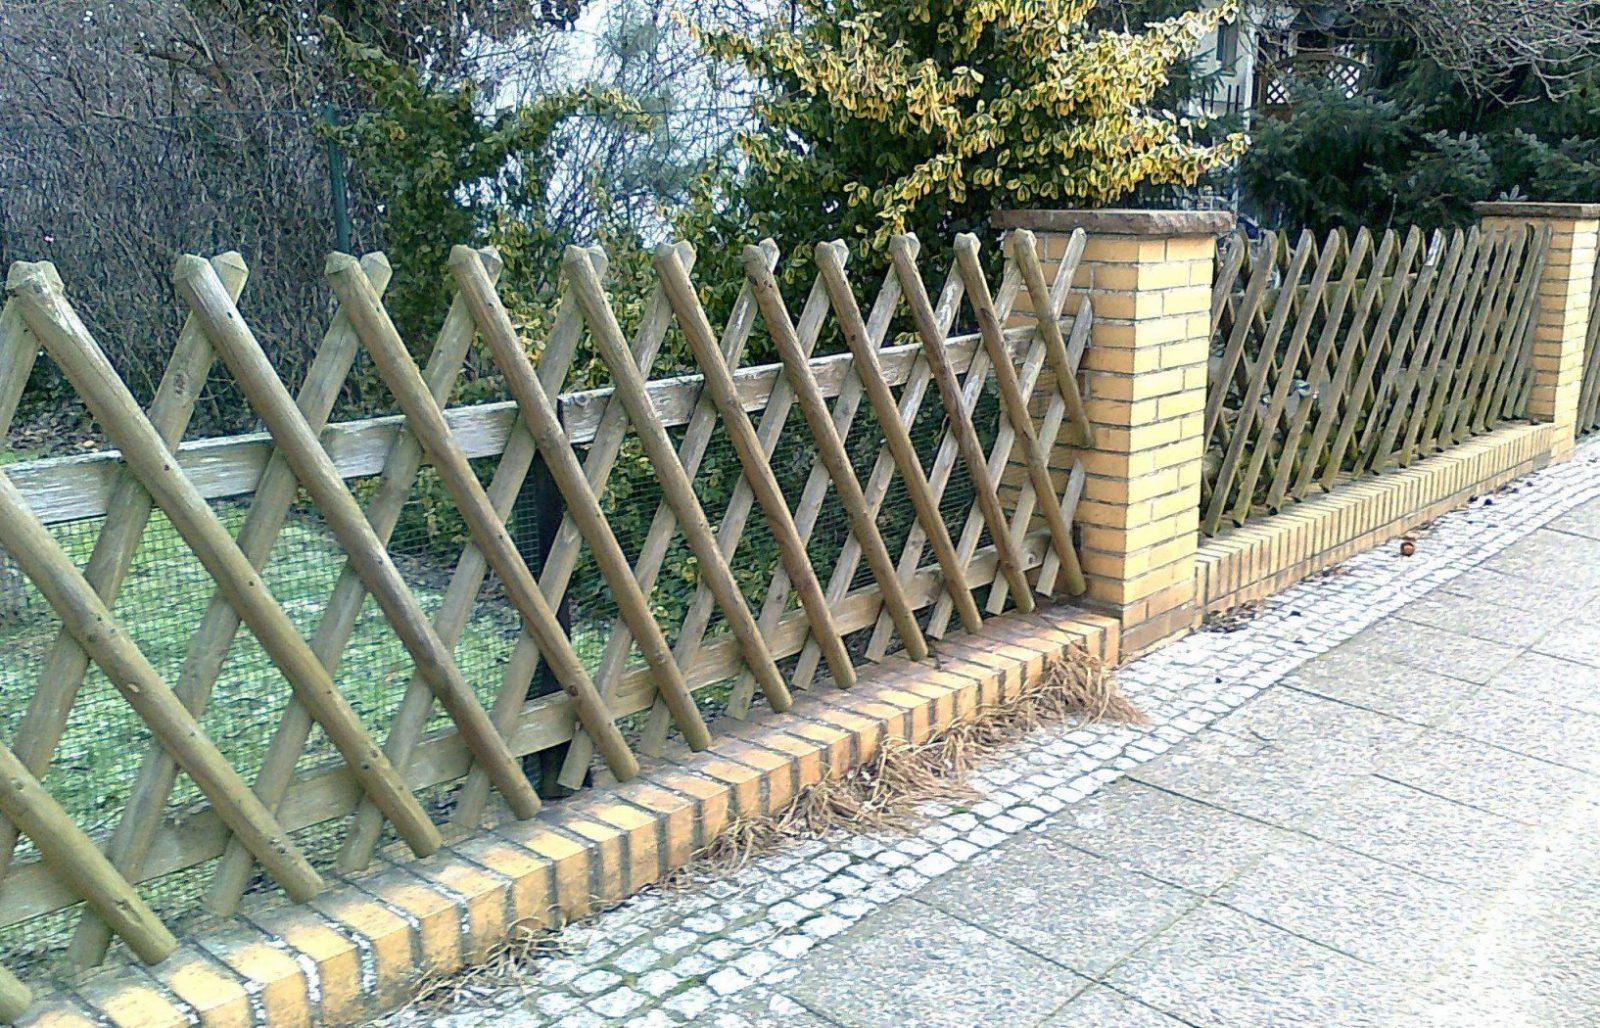 Zaun Terrasse Design Von Gartenzaun Selber Bauen Metall  Komplette von Gartenzaun Selber Bauen Metall Bild